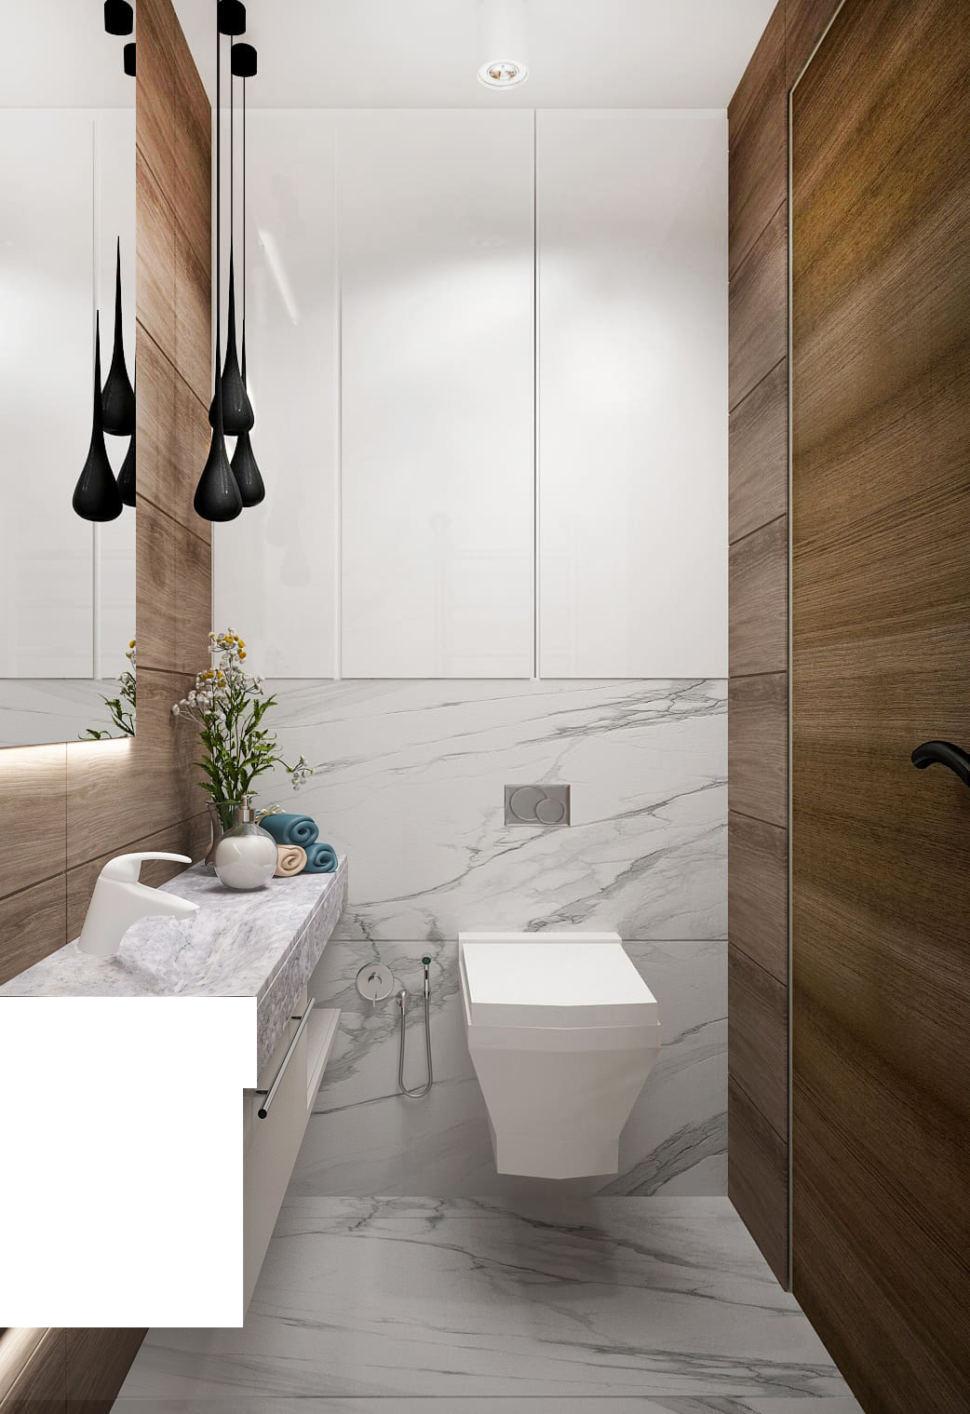 Дизайн интерьера санузла 2 кв.м в древесных тонах с белыми оттенками, зеркало, подвесной светильник, плитка, раковина, белая тумба, унитаз